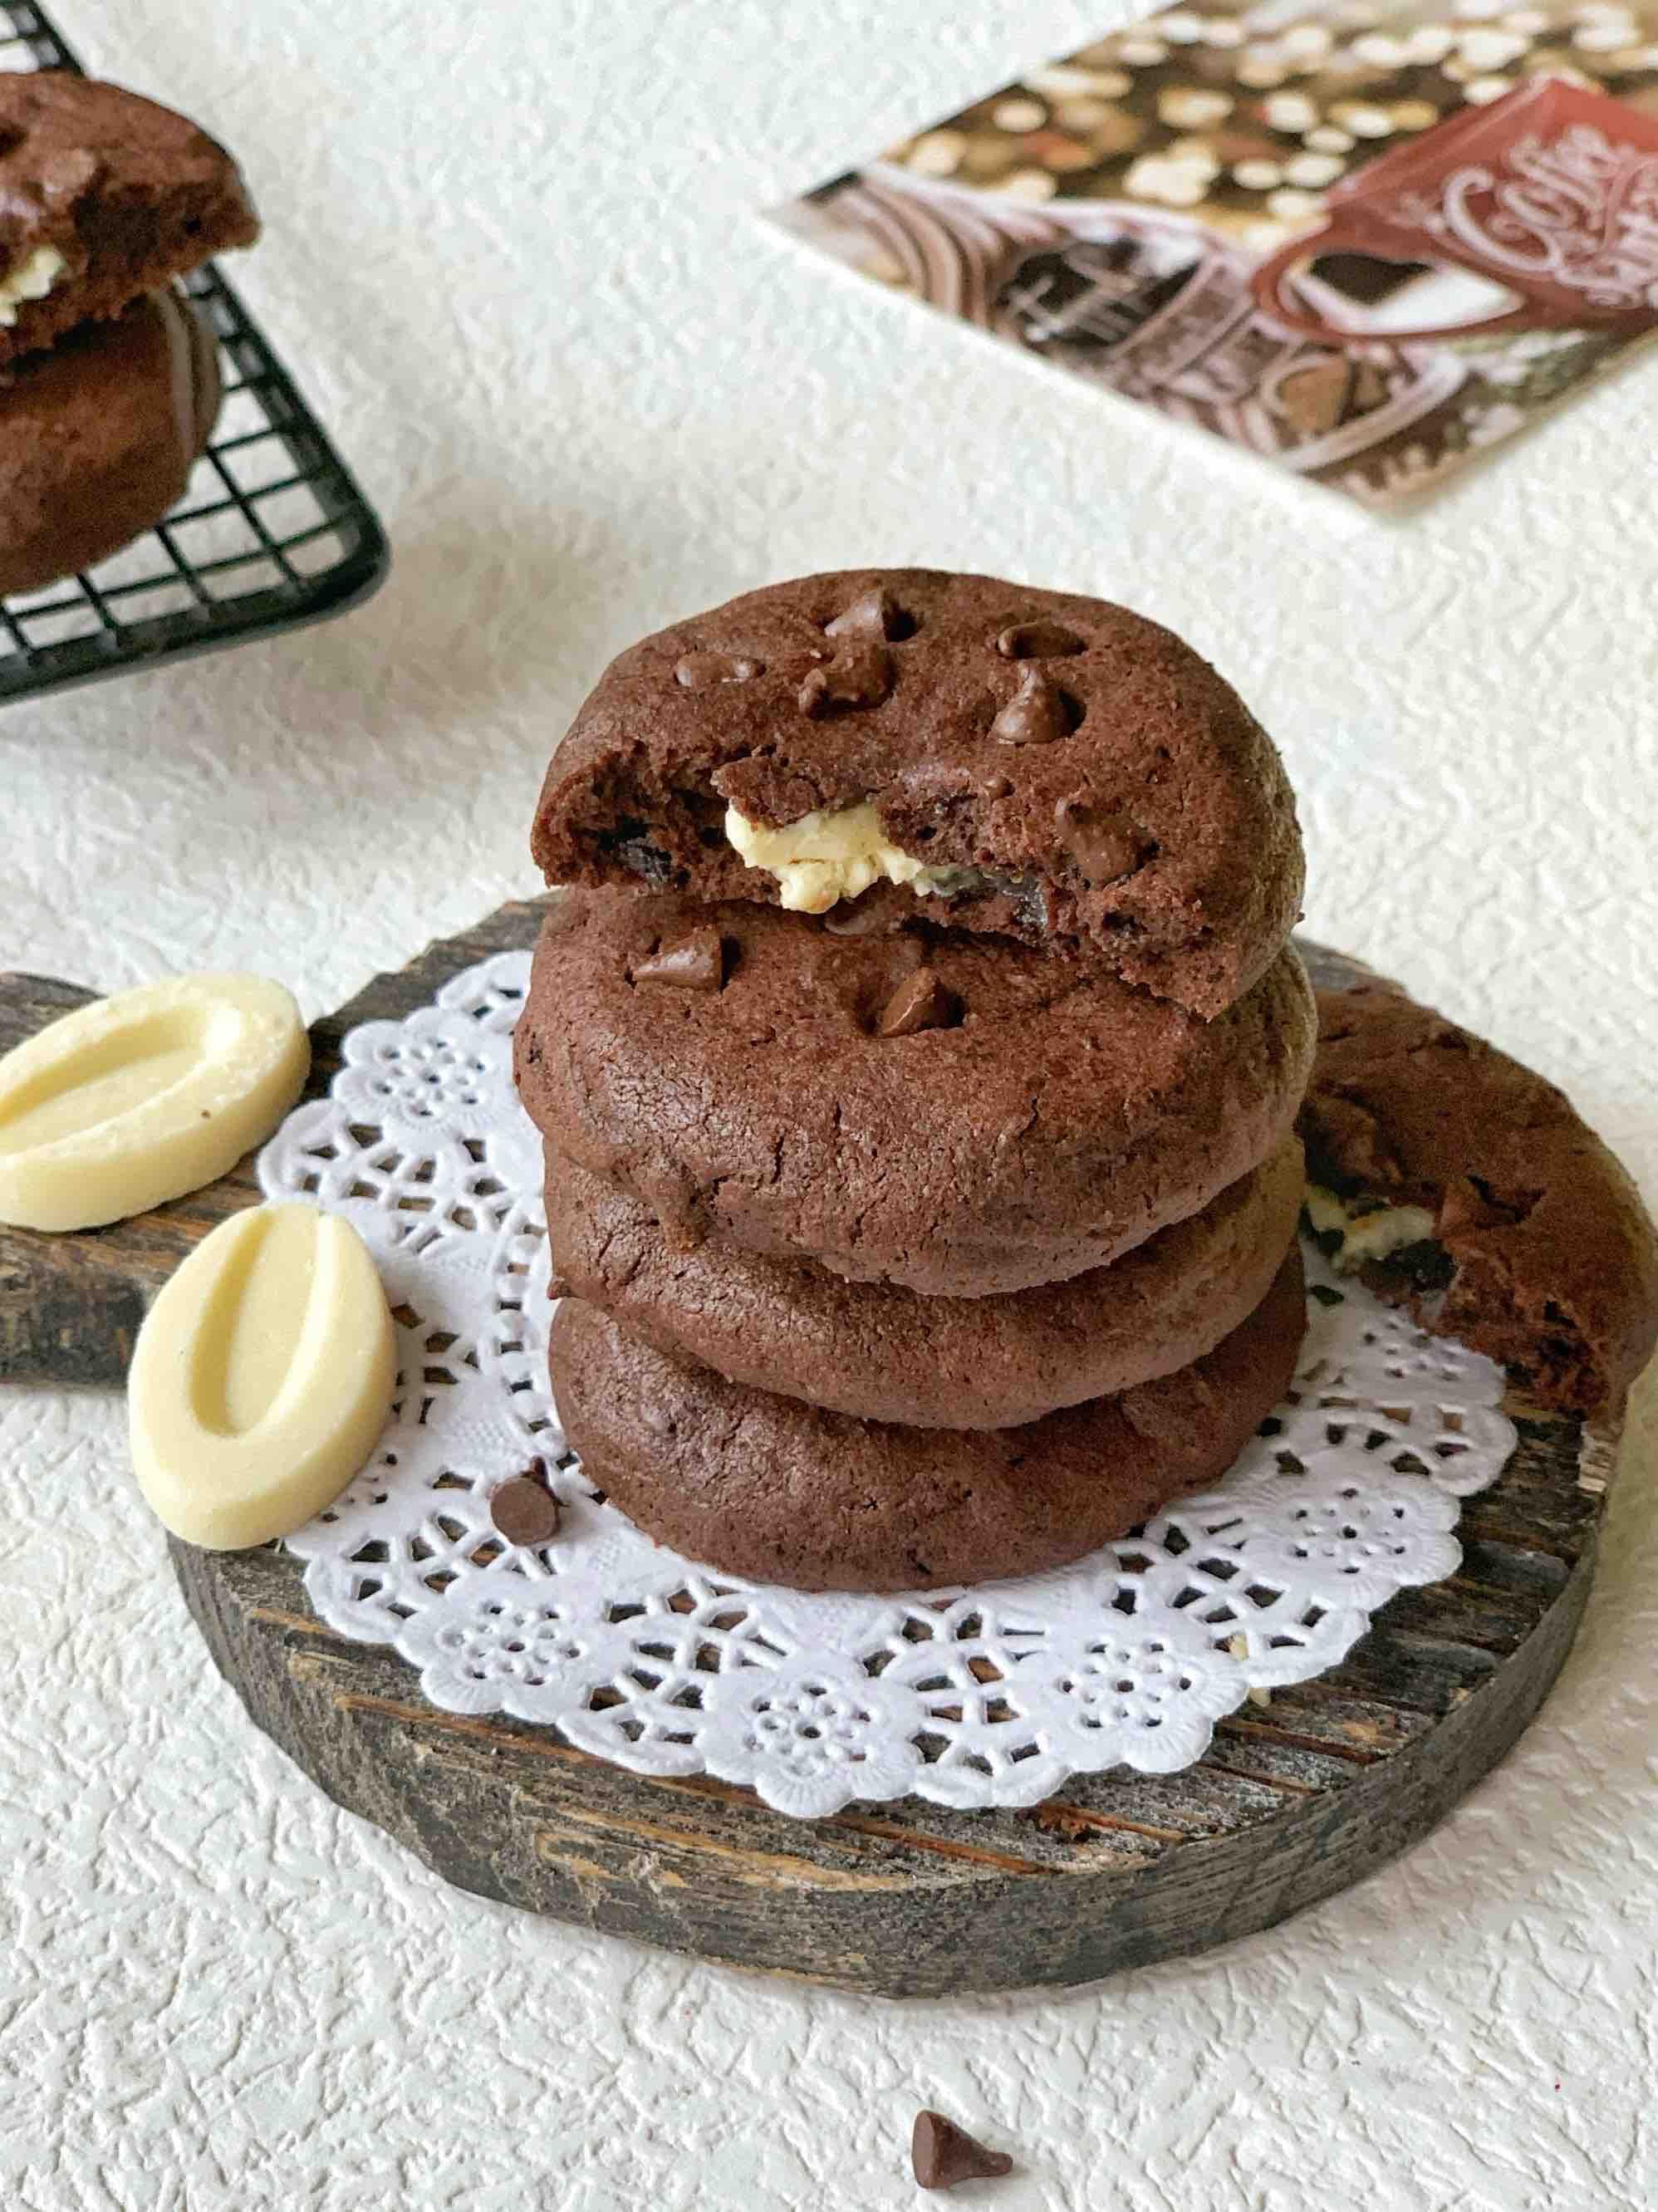 三重巧克力饼干,这是什么神仙口味的做法